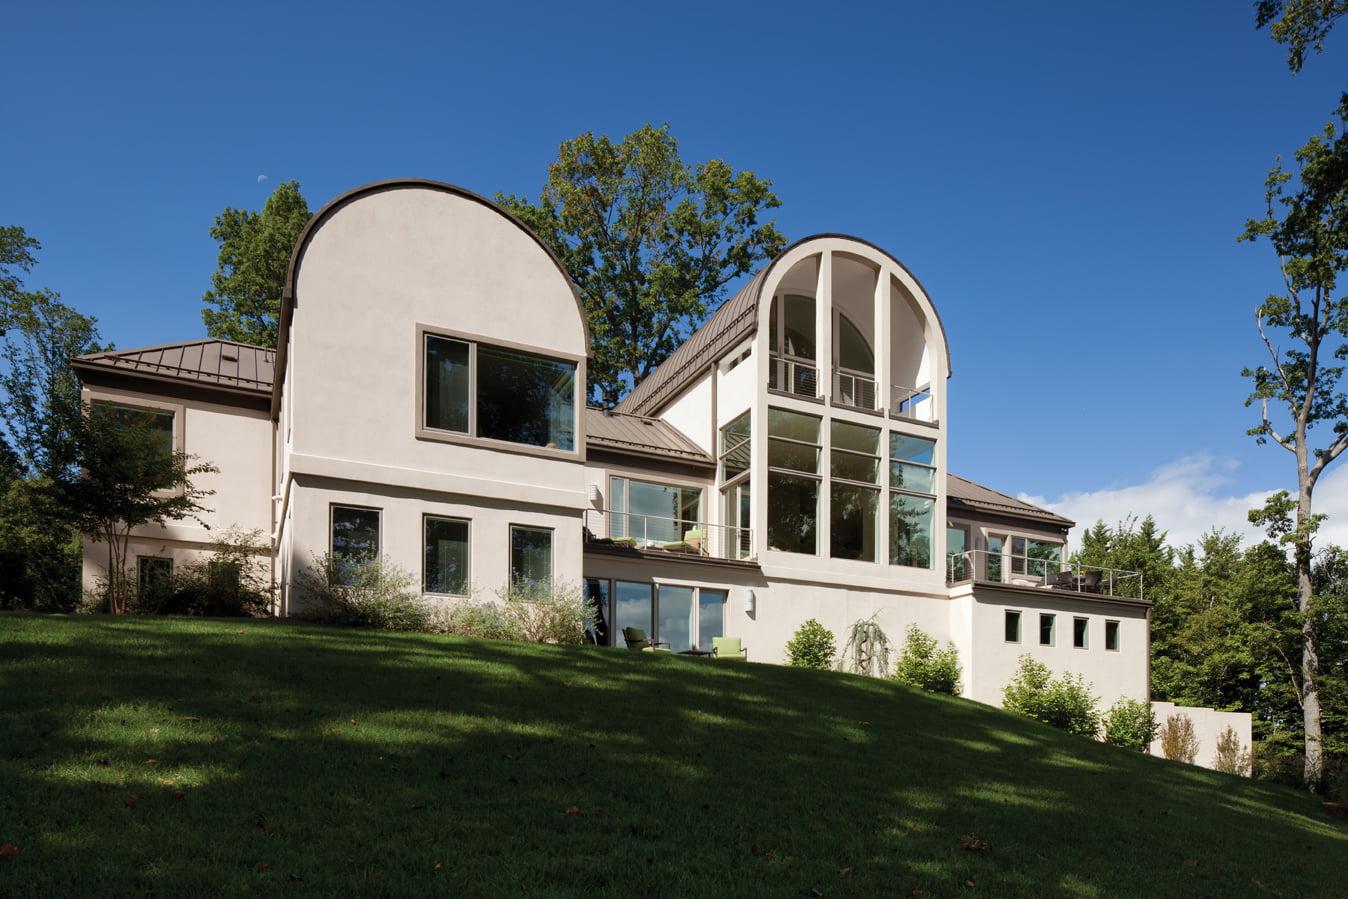 O'Shea Residence